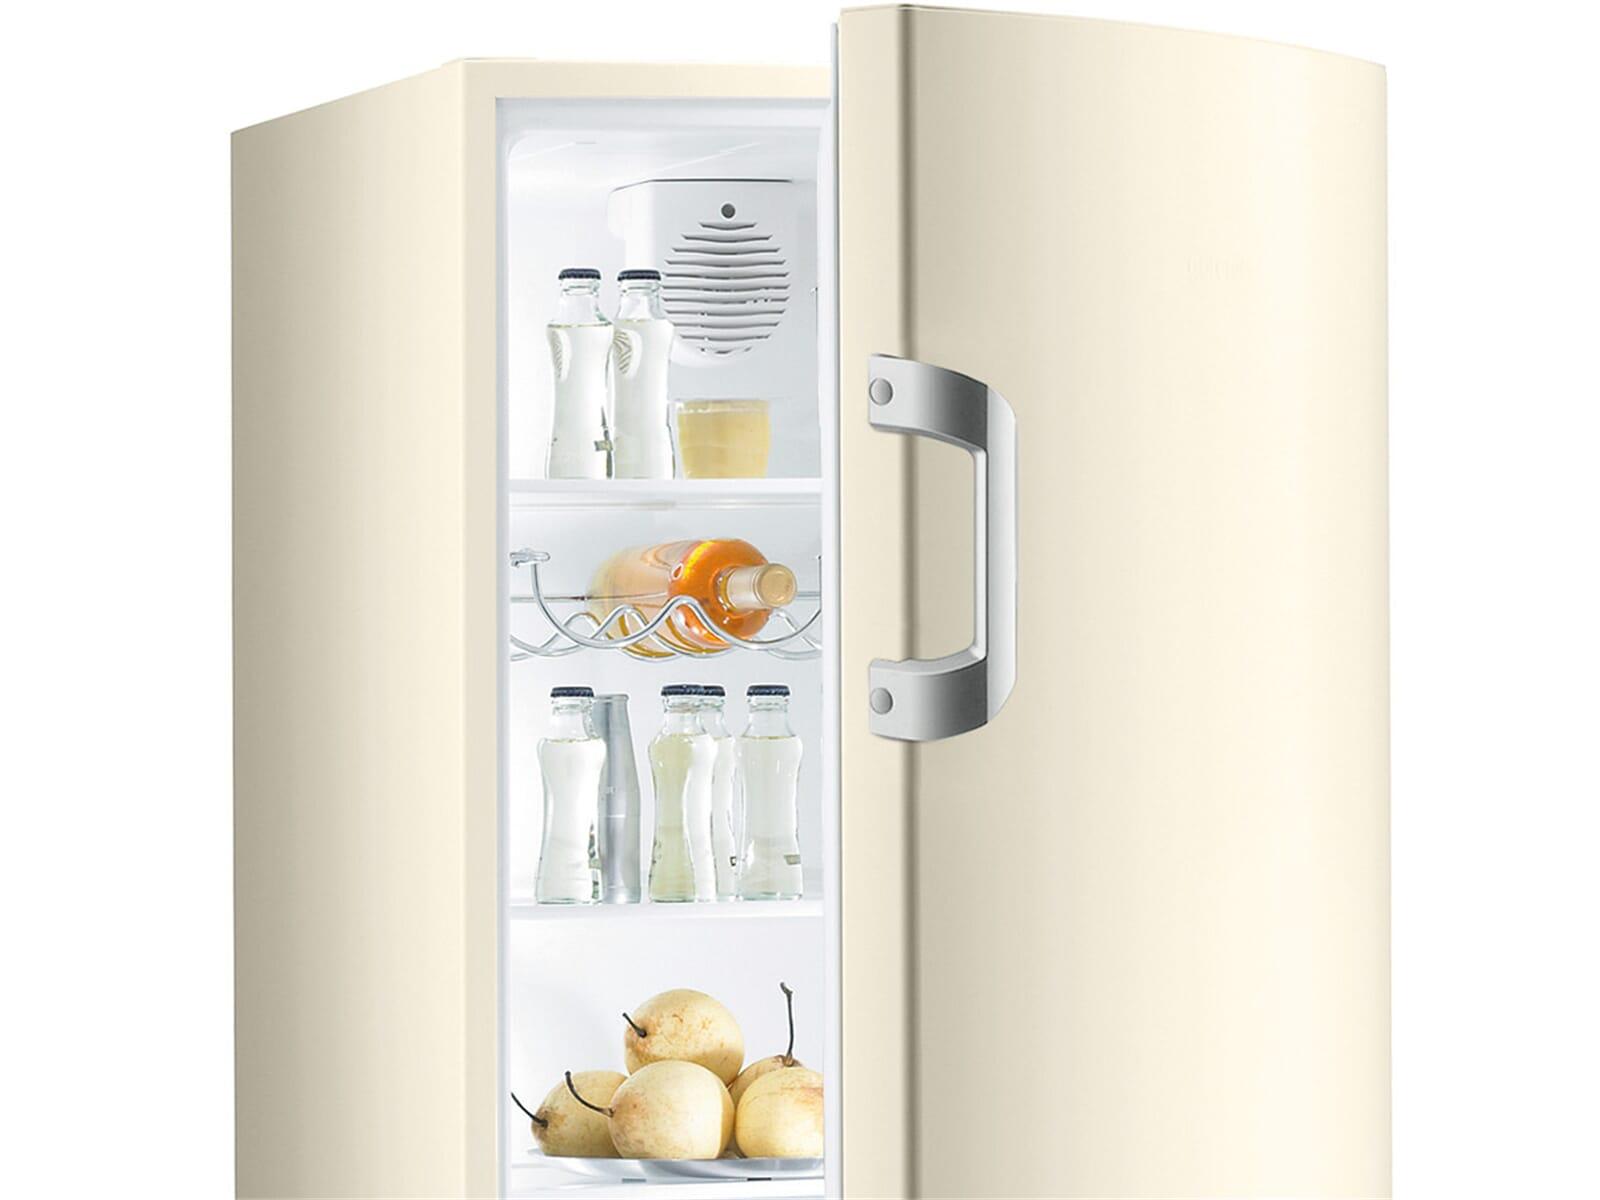 Gorenje Kühlschrank Unterbaufähig : Gorenje r bc standkühlschrank creme